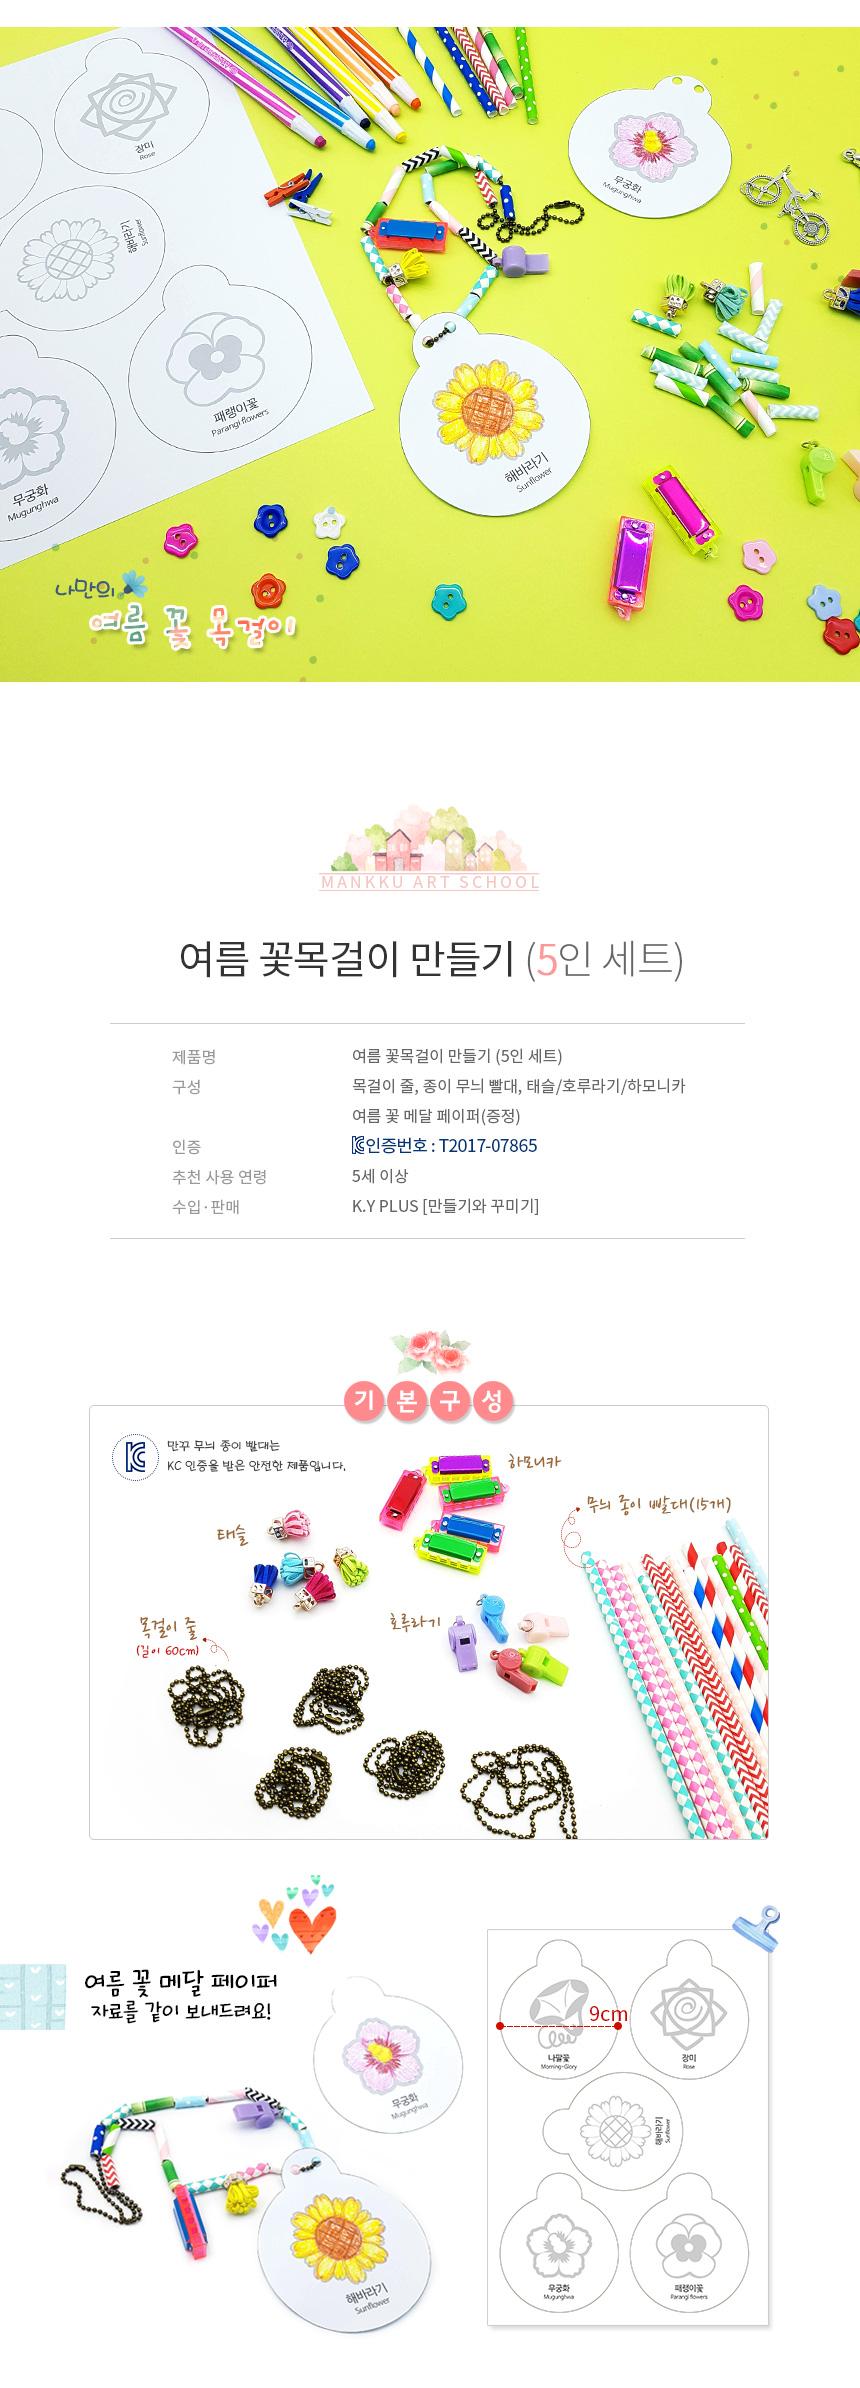 만꾸 여름 꽃목걸이 만들기 (5인 세트) - 만꾸(만들기와 꾸미기), 7,000원, 종이공예/북아트, 종이공예 패키지